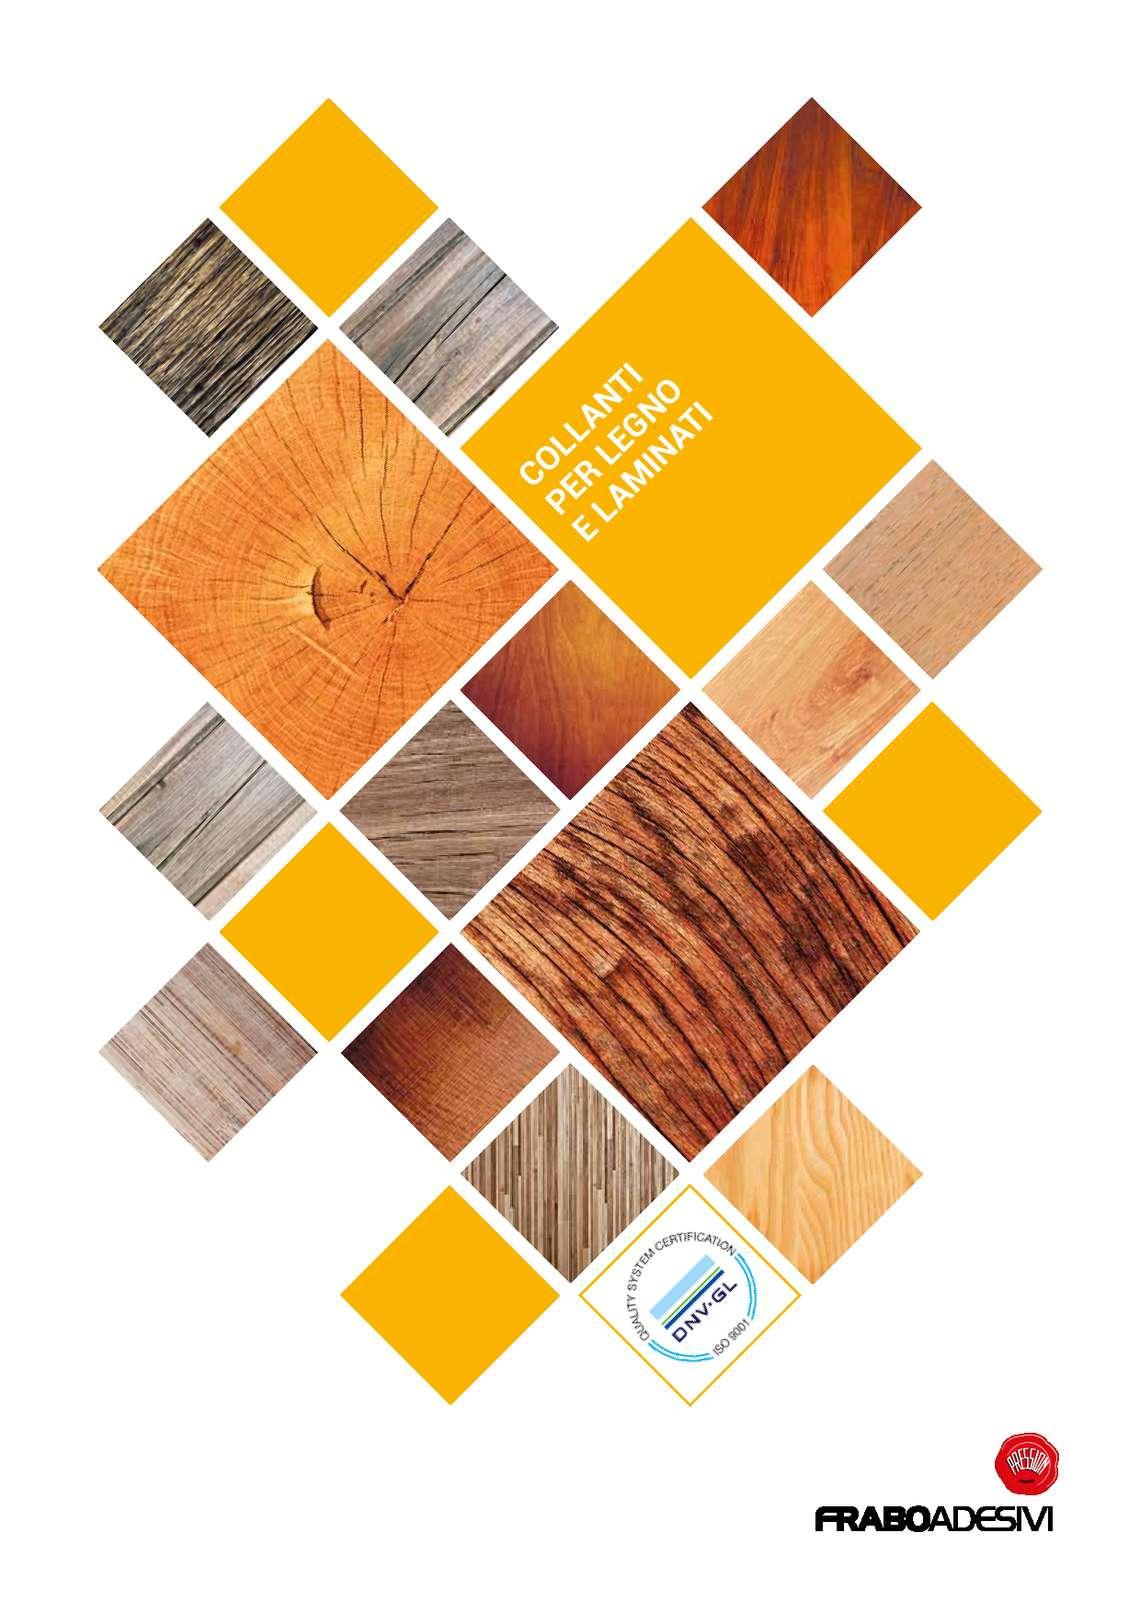 Collanti per legno e laminati by Frabo Adesivi